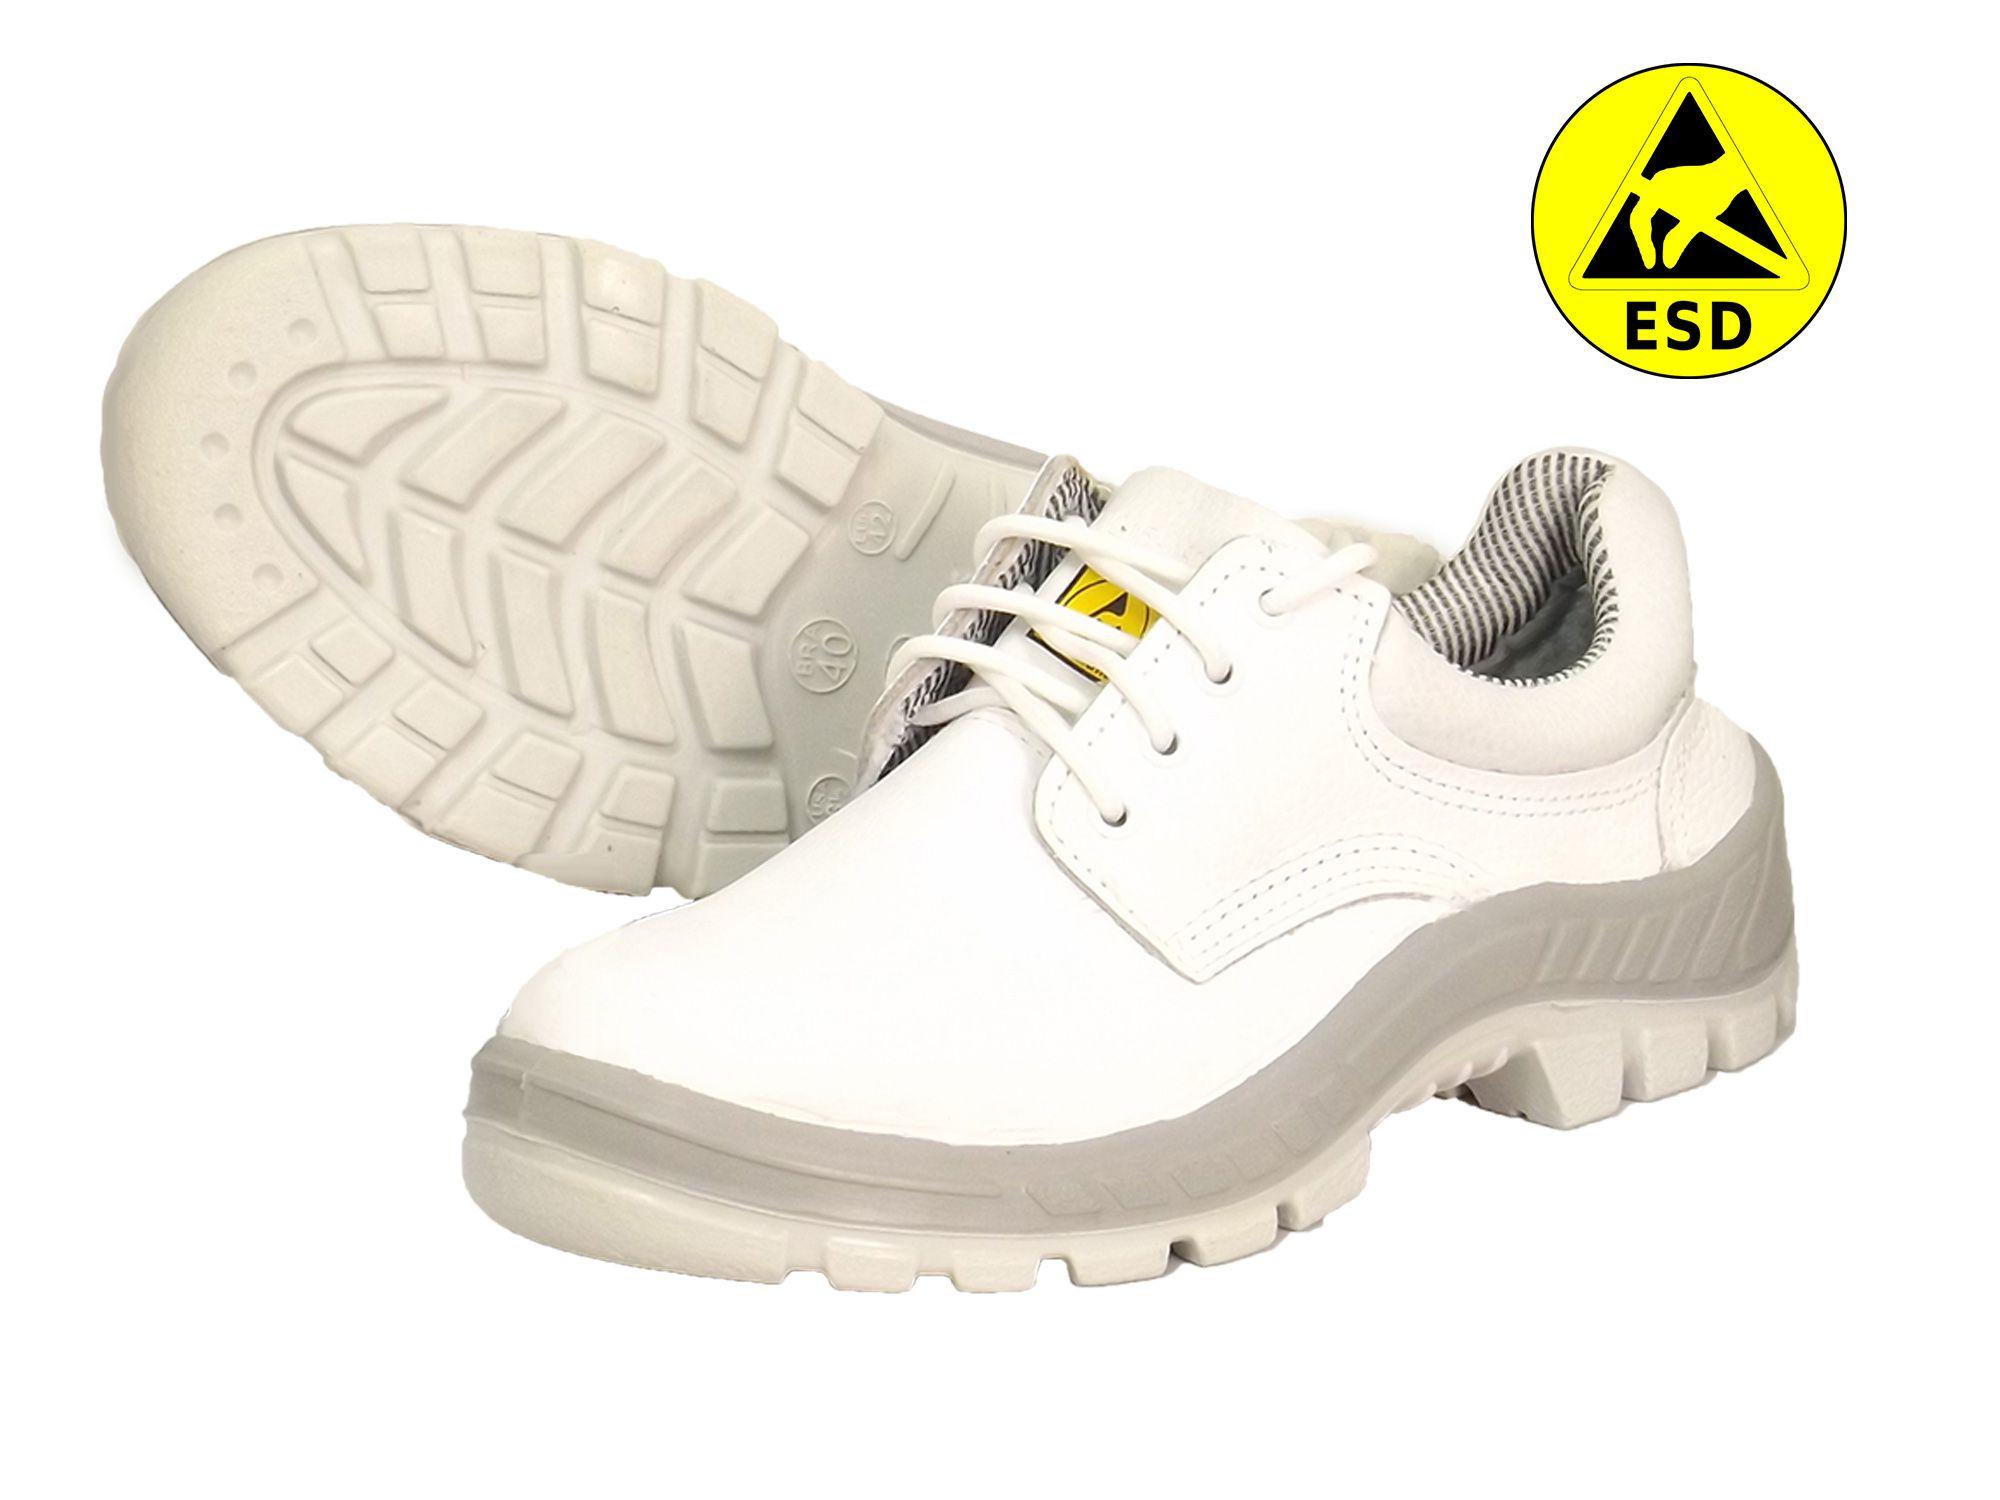 Sapato com proteção ESD - Branco